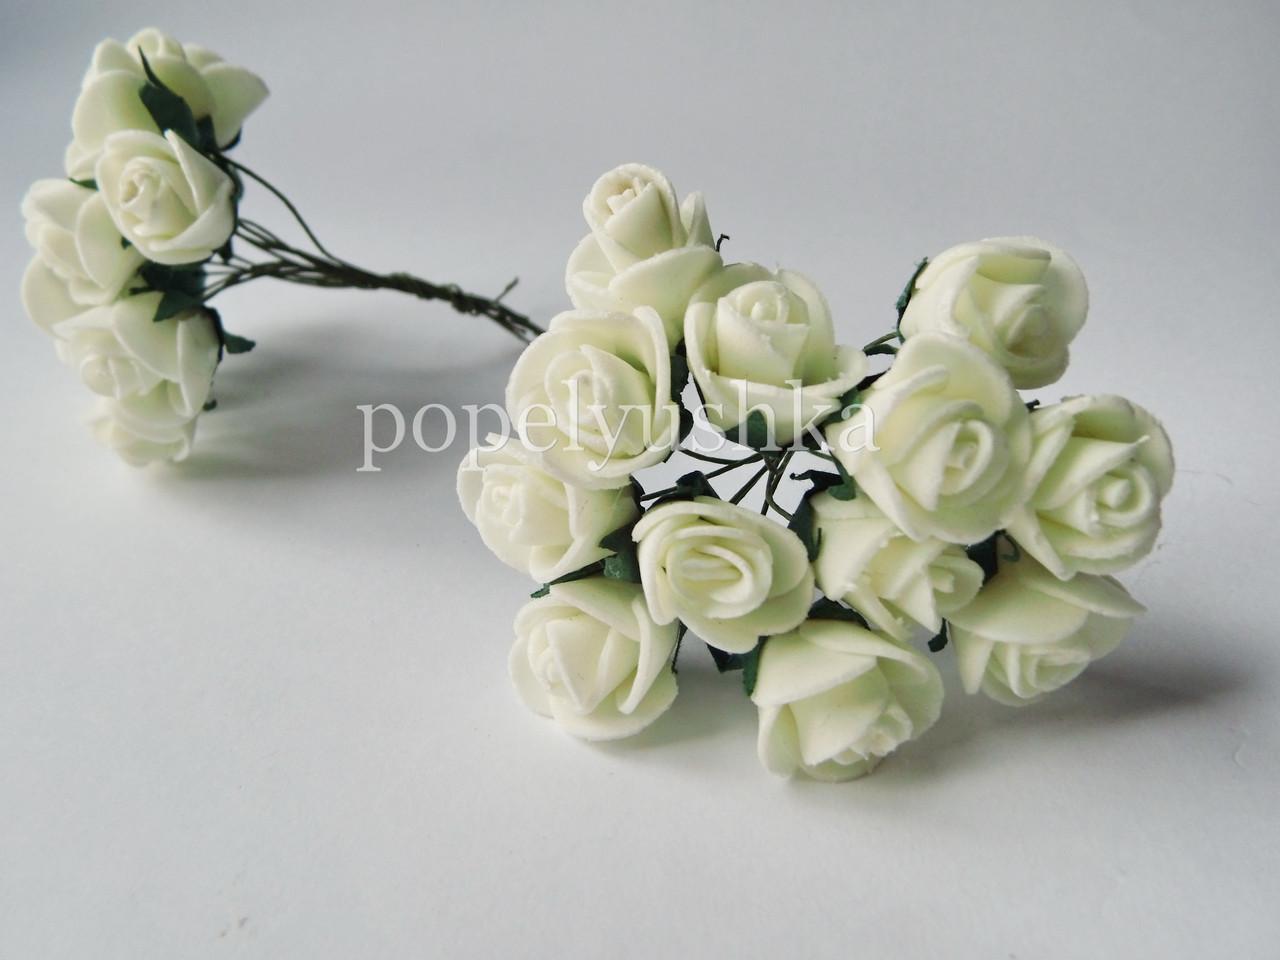 Троянди латексові шампань 2 см